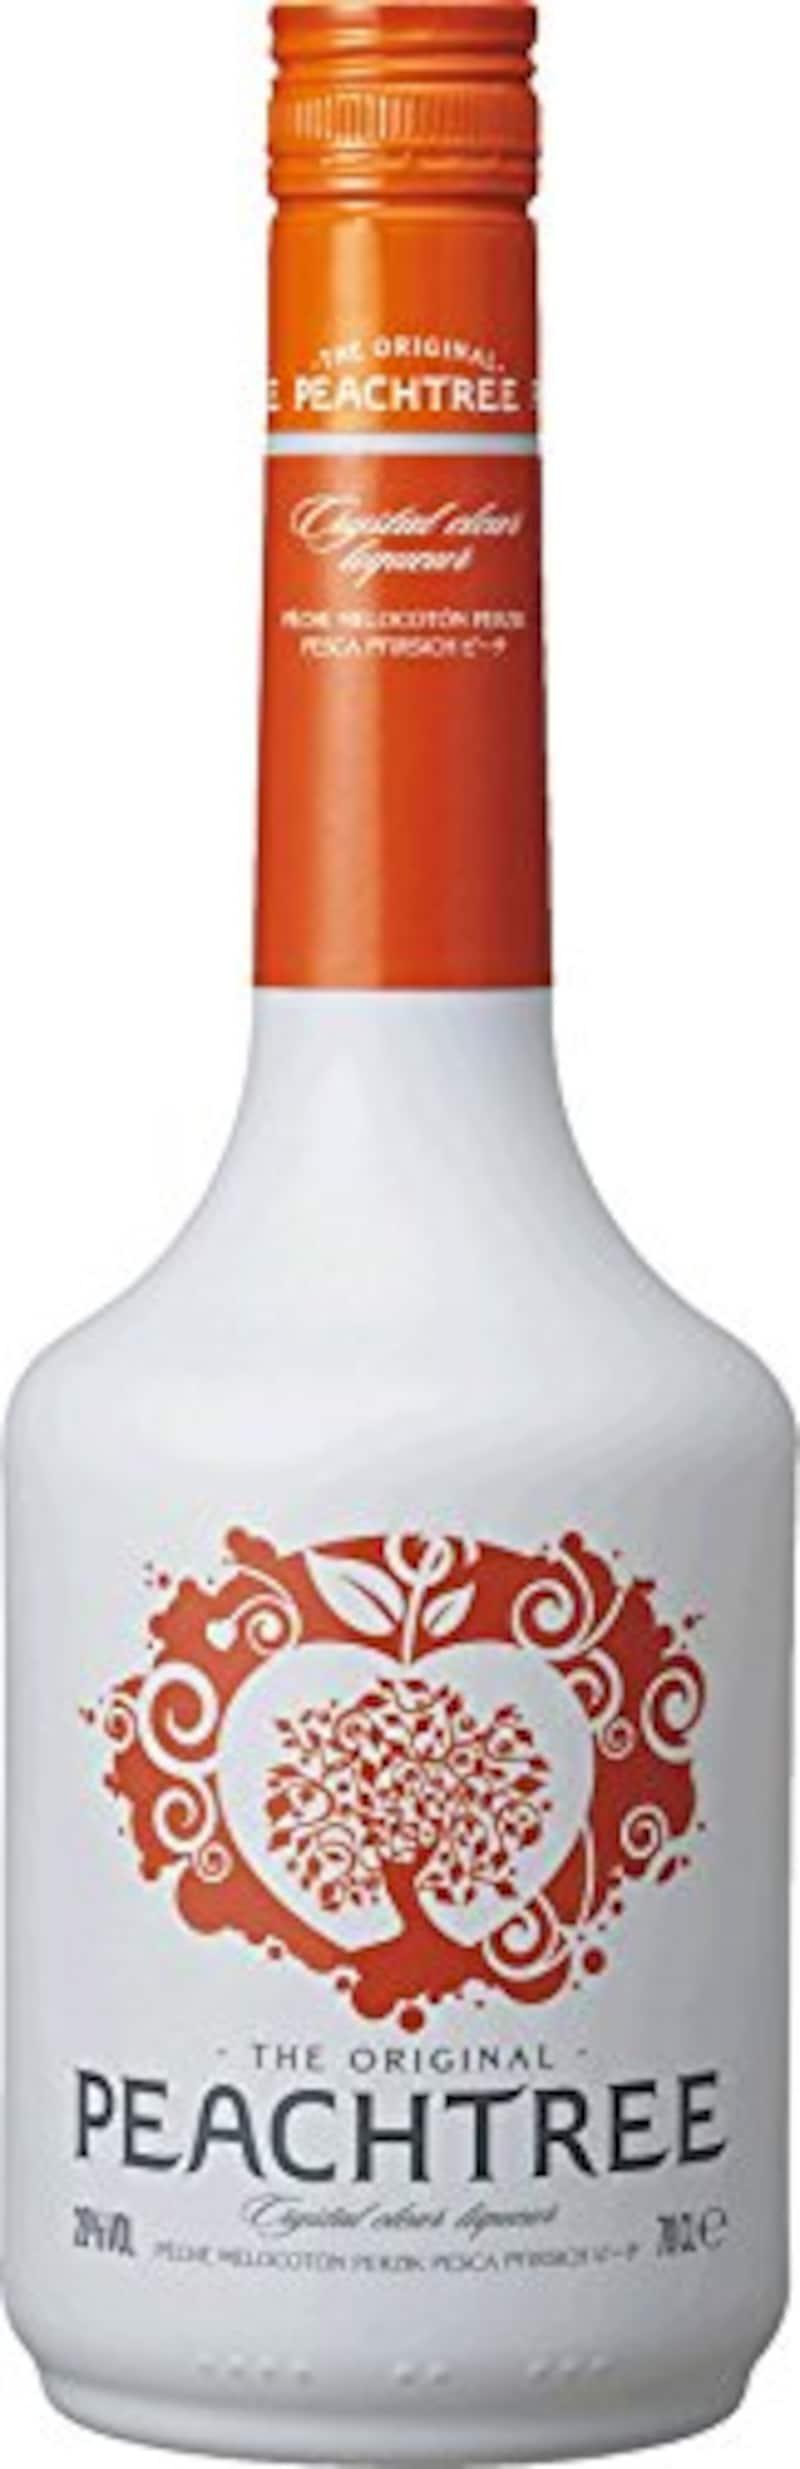 キリンビール,デカイパー オリジナル ピーチツリー